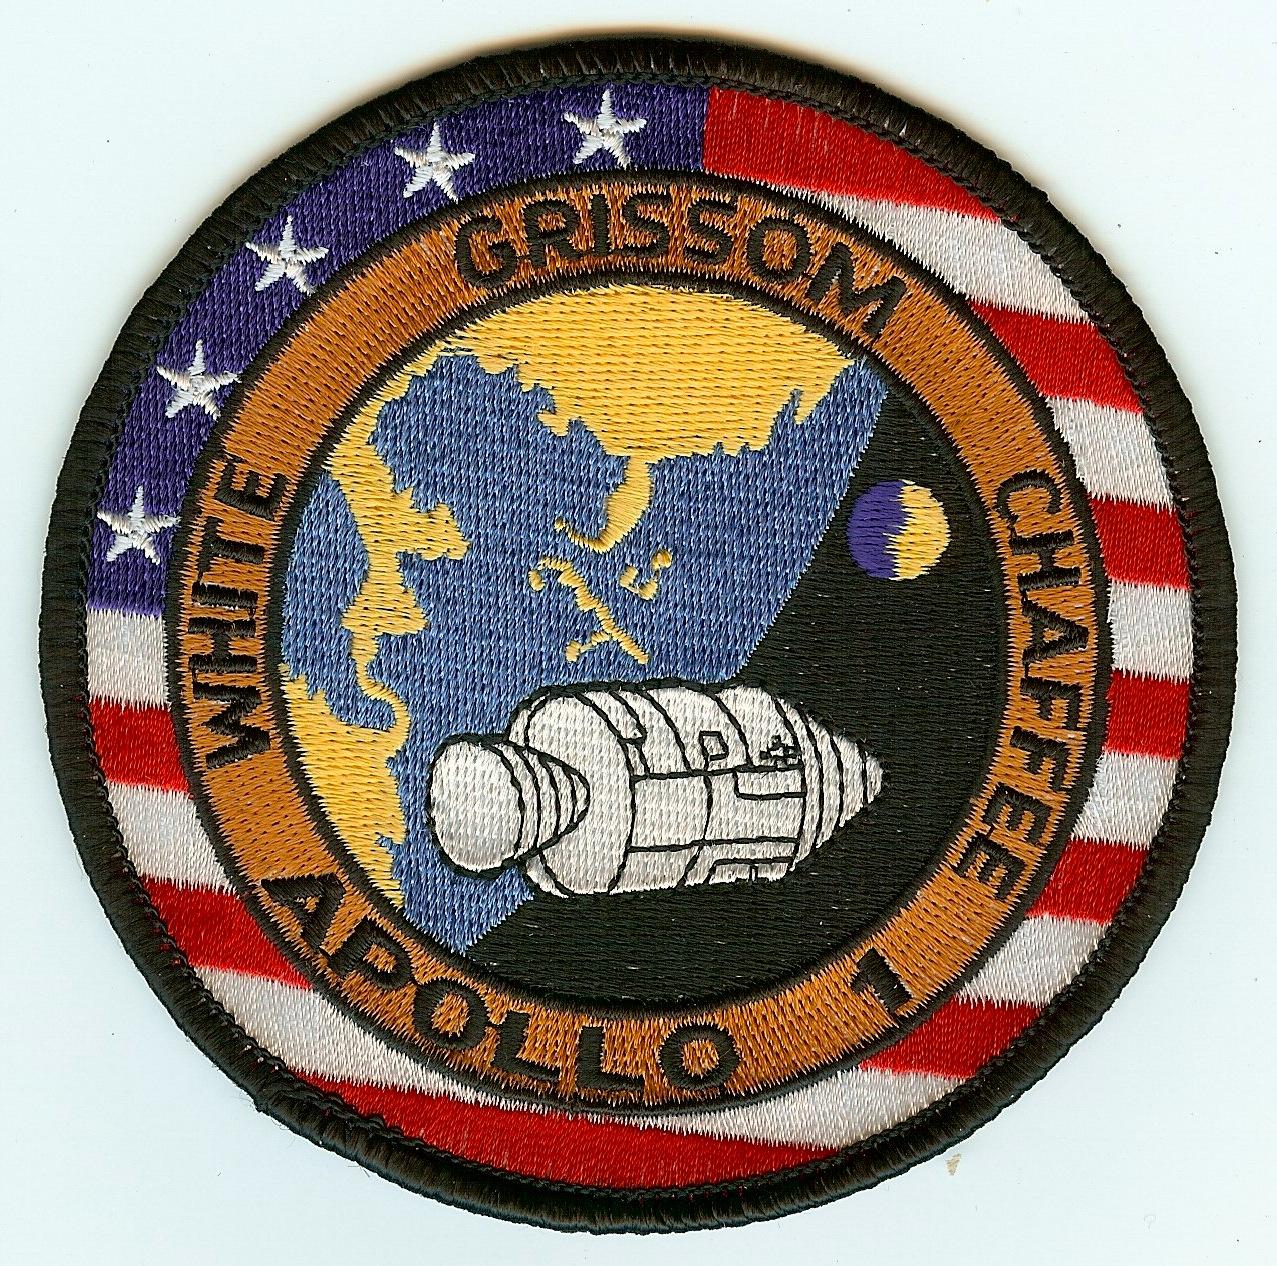 apollo mission patches - HD1277×1266